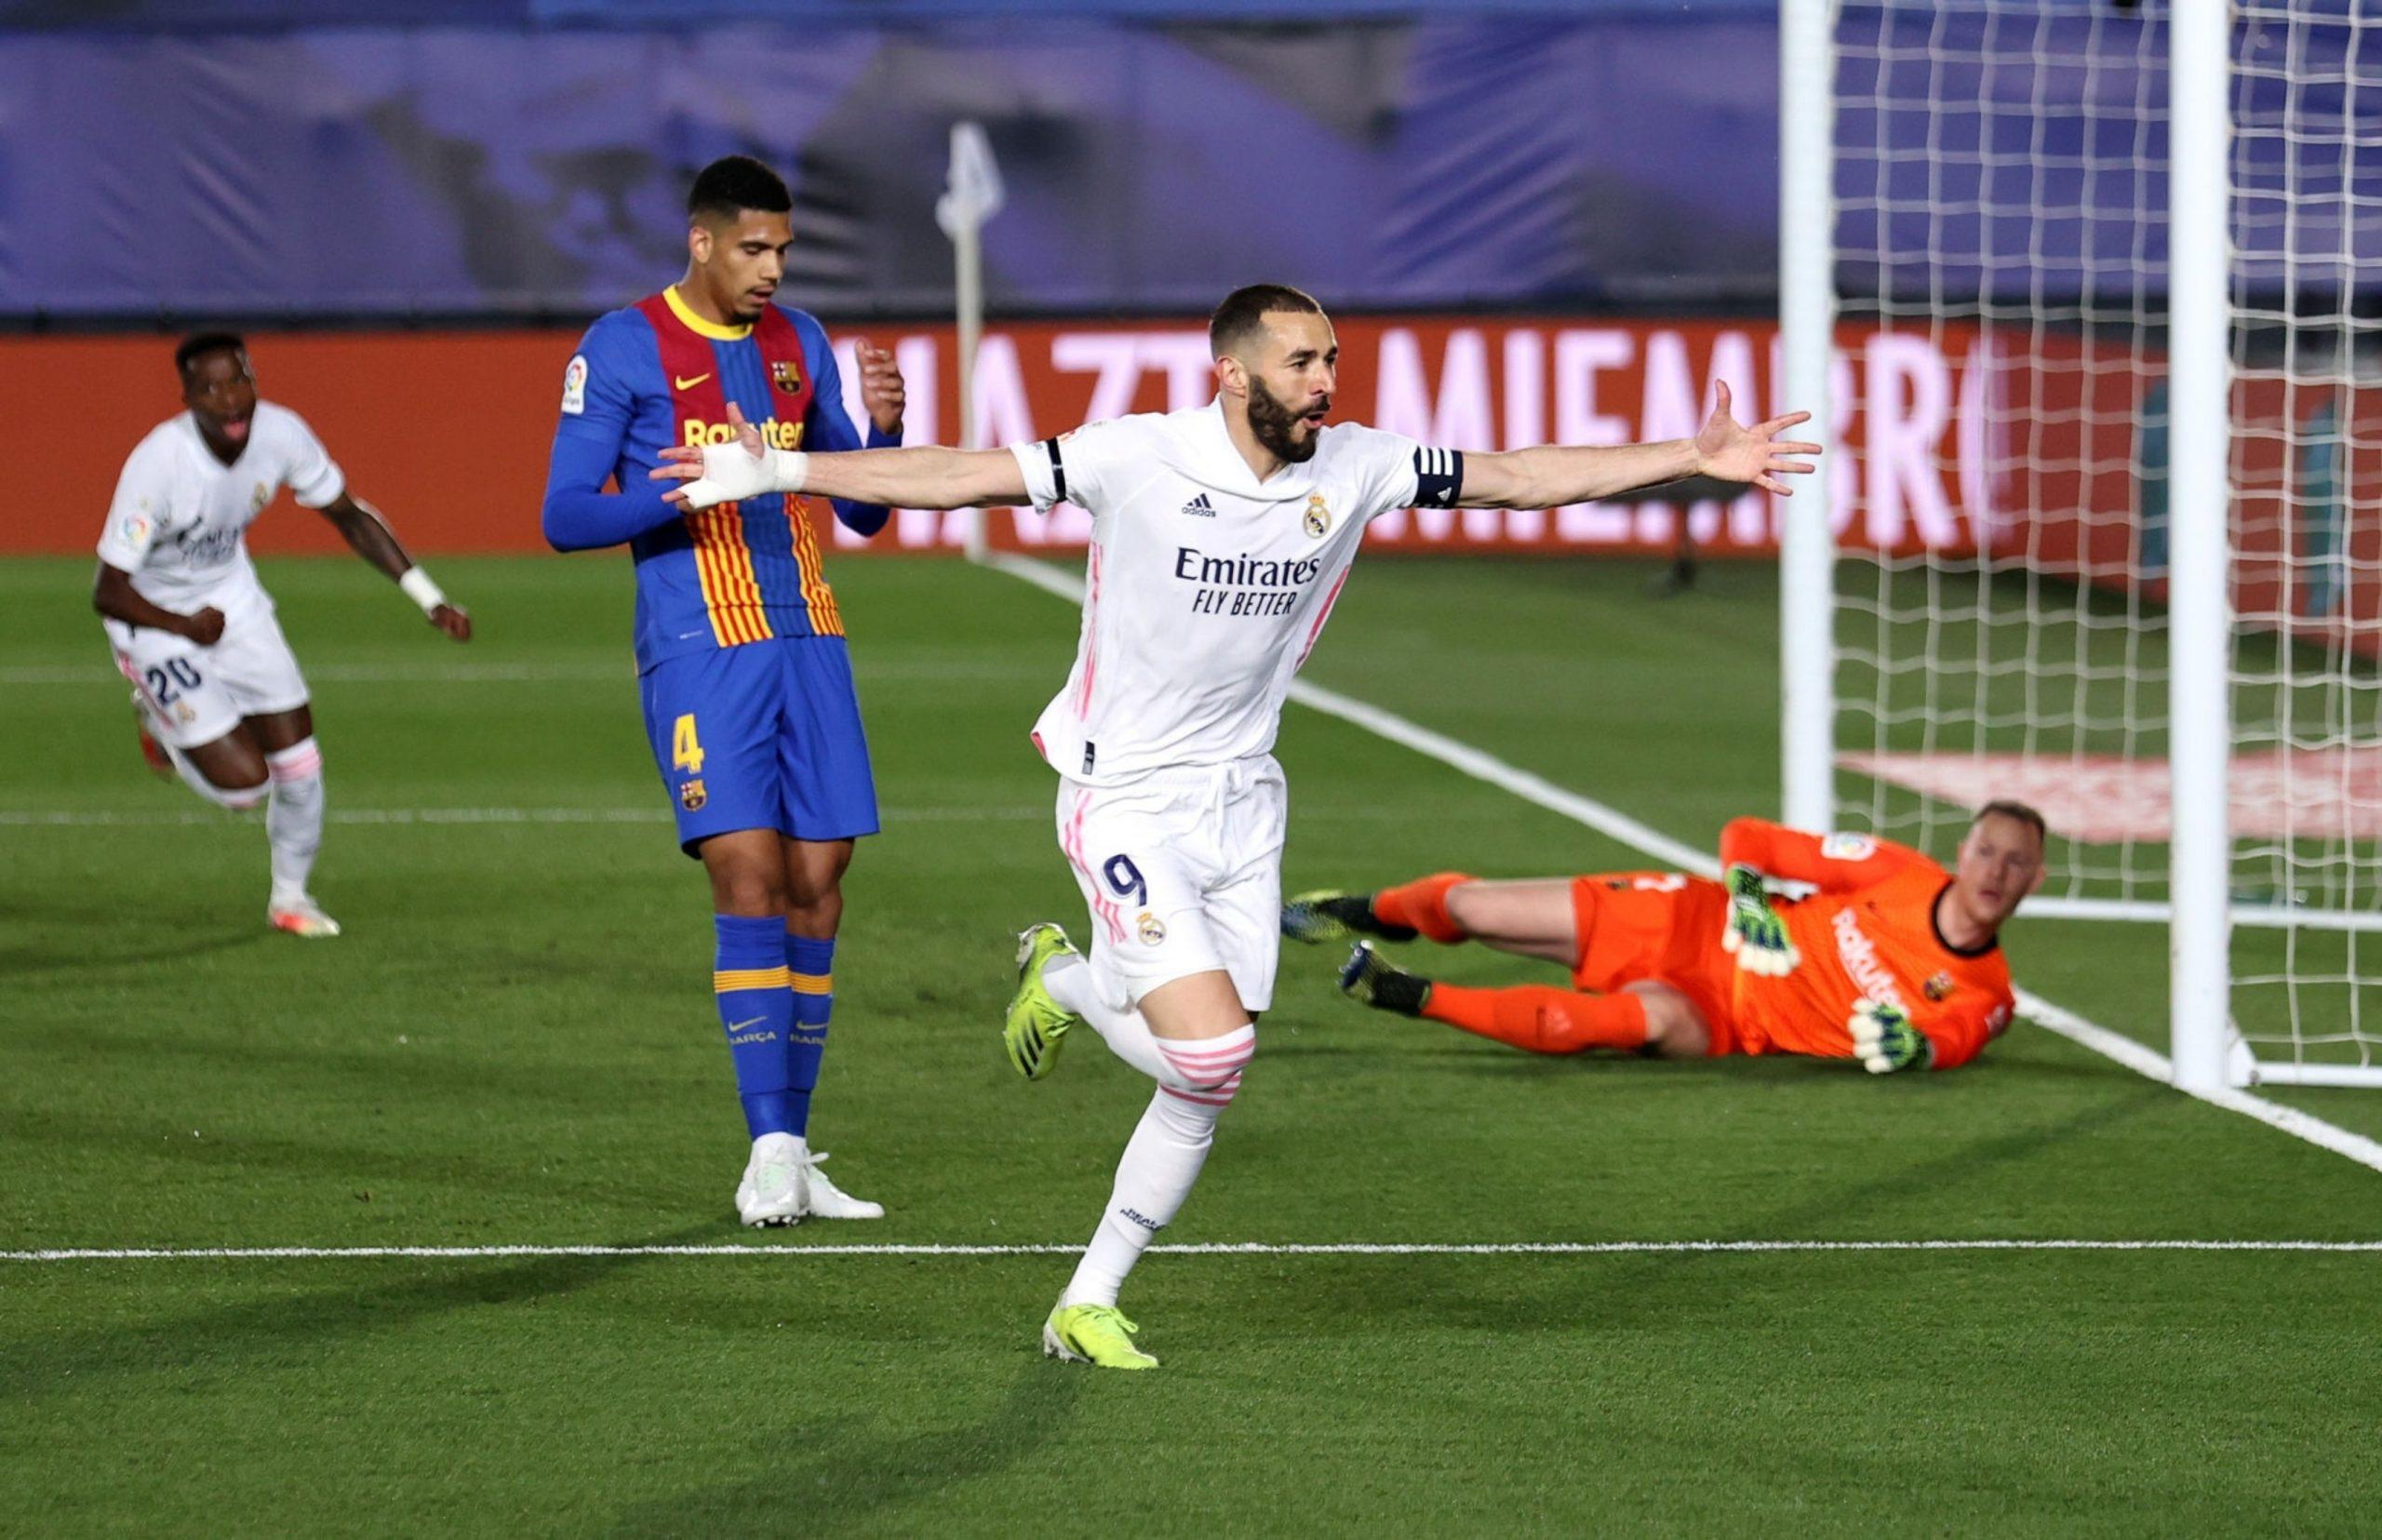 El Real Madrid gana el clásico al Barça (2-1) y se pone líder de la Liga